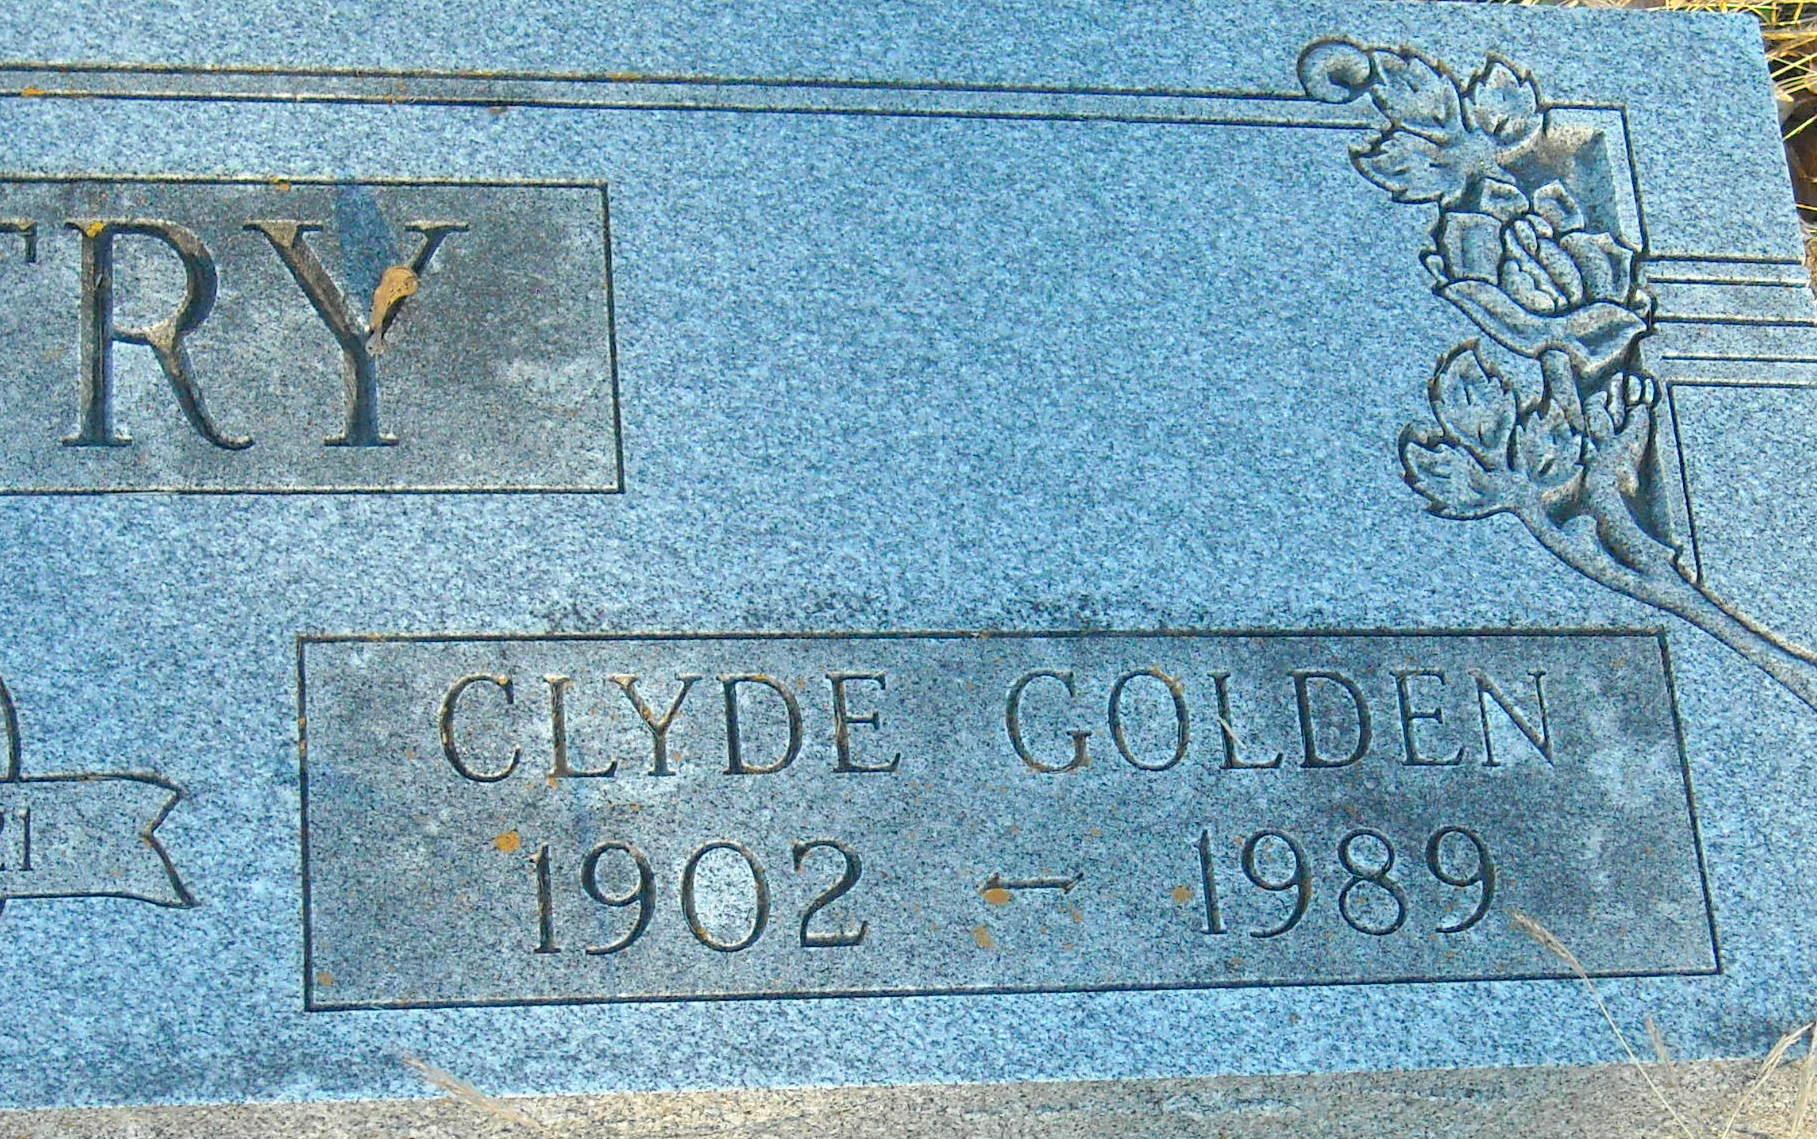 Clyde Golden Gentry